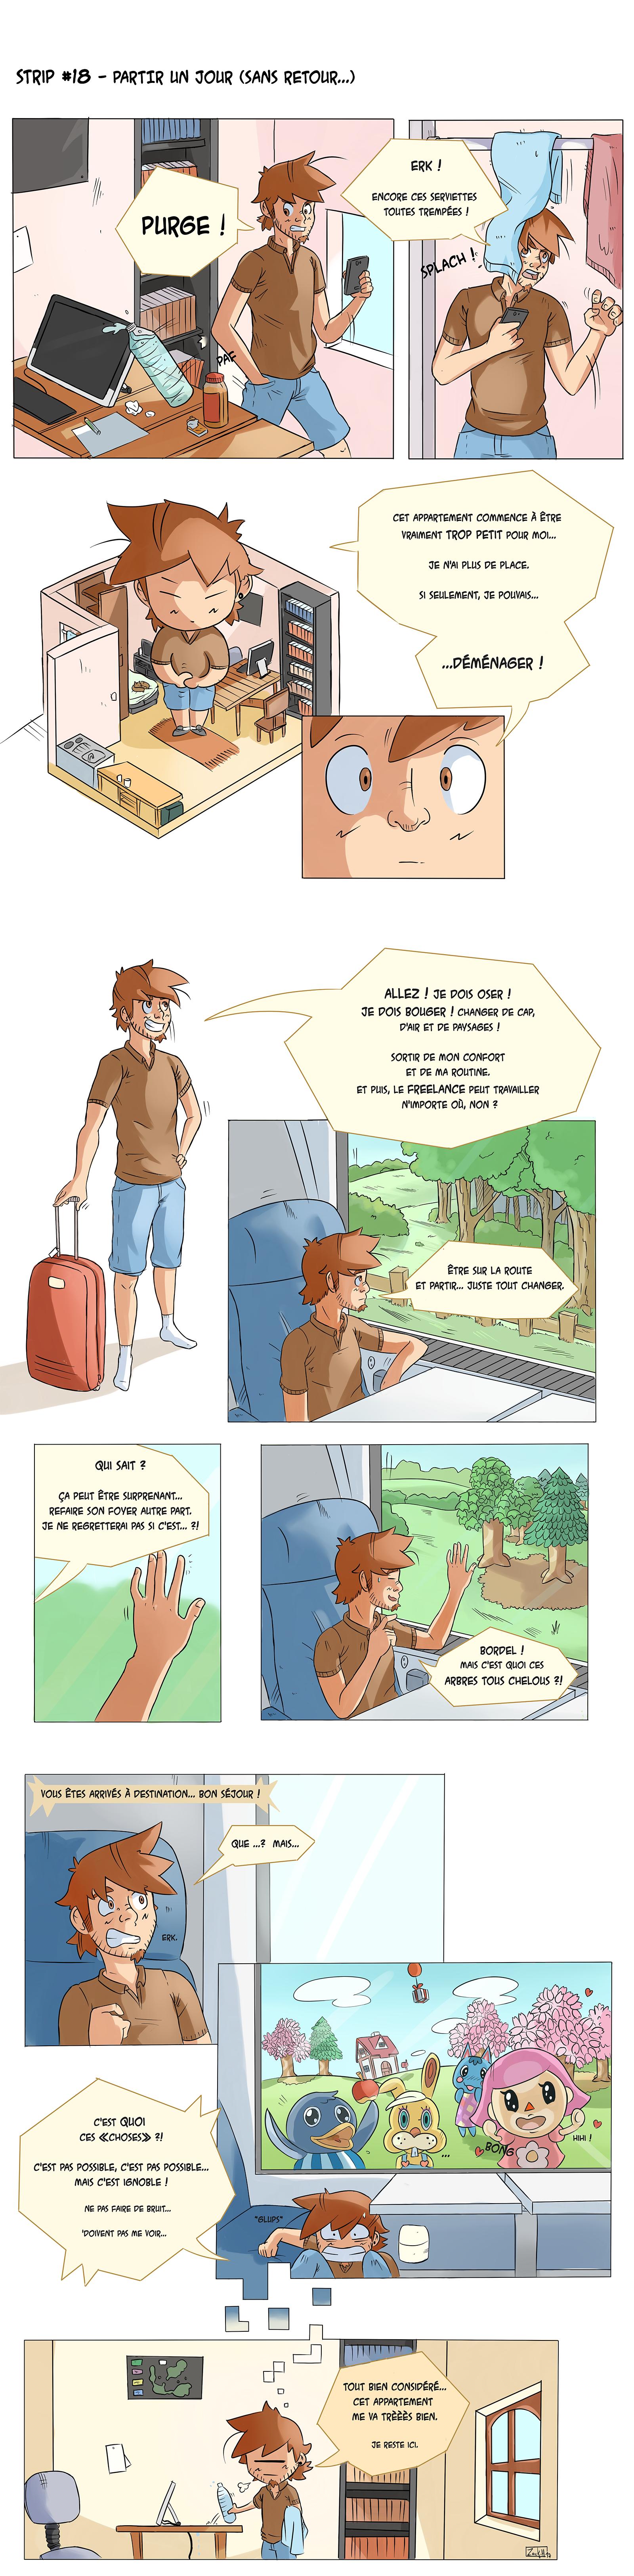 Strip 18 - Partir un jour (sans retour) - 1600px